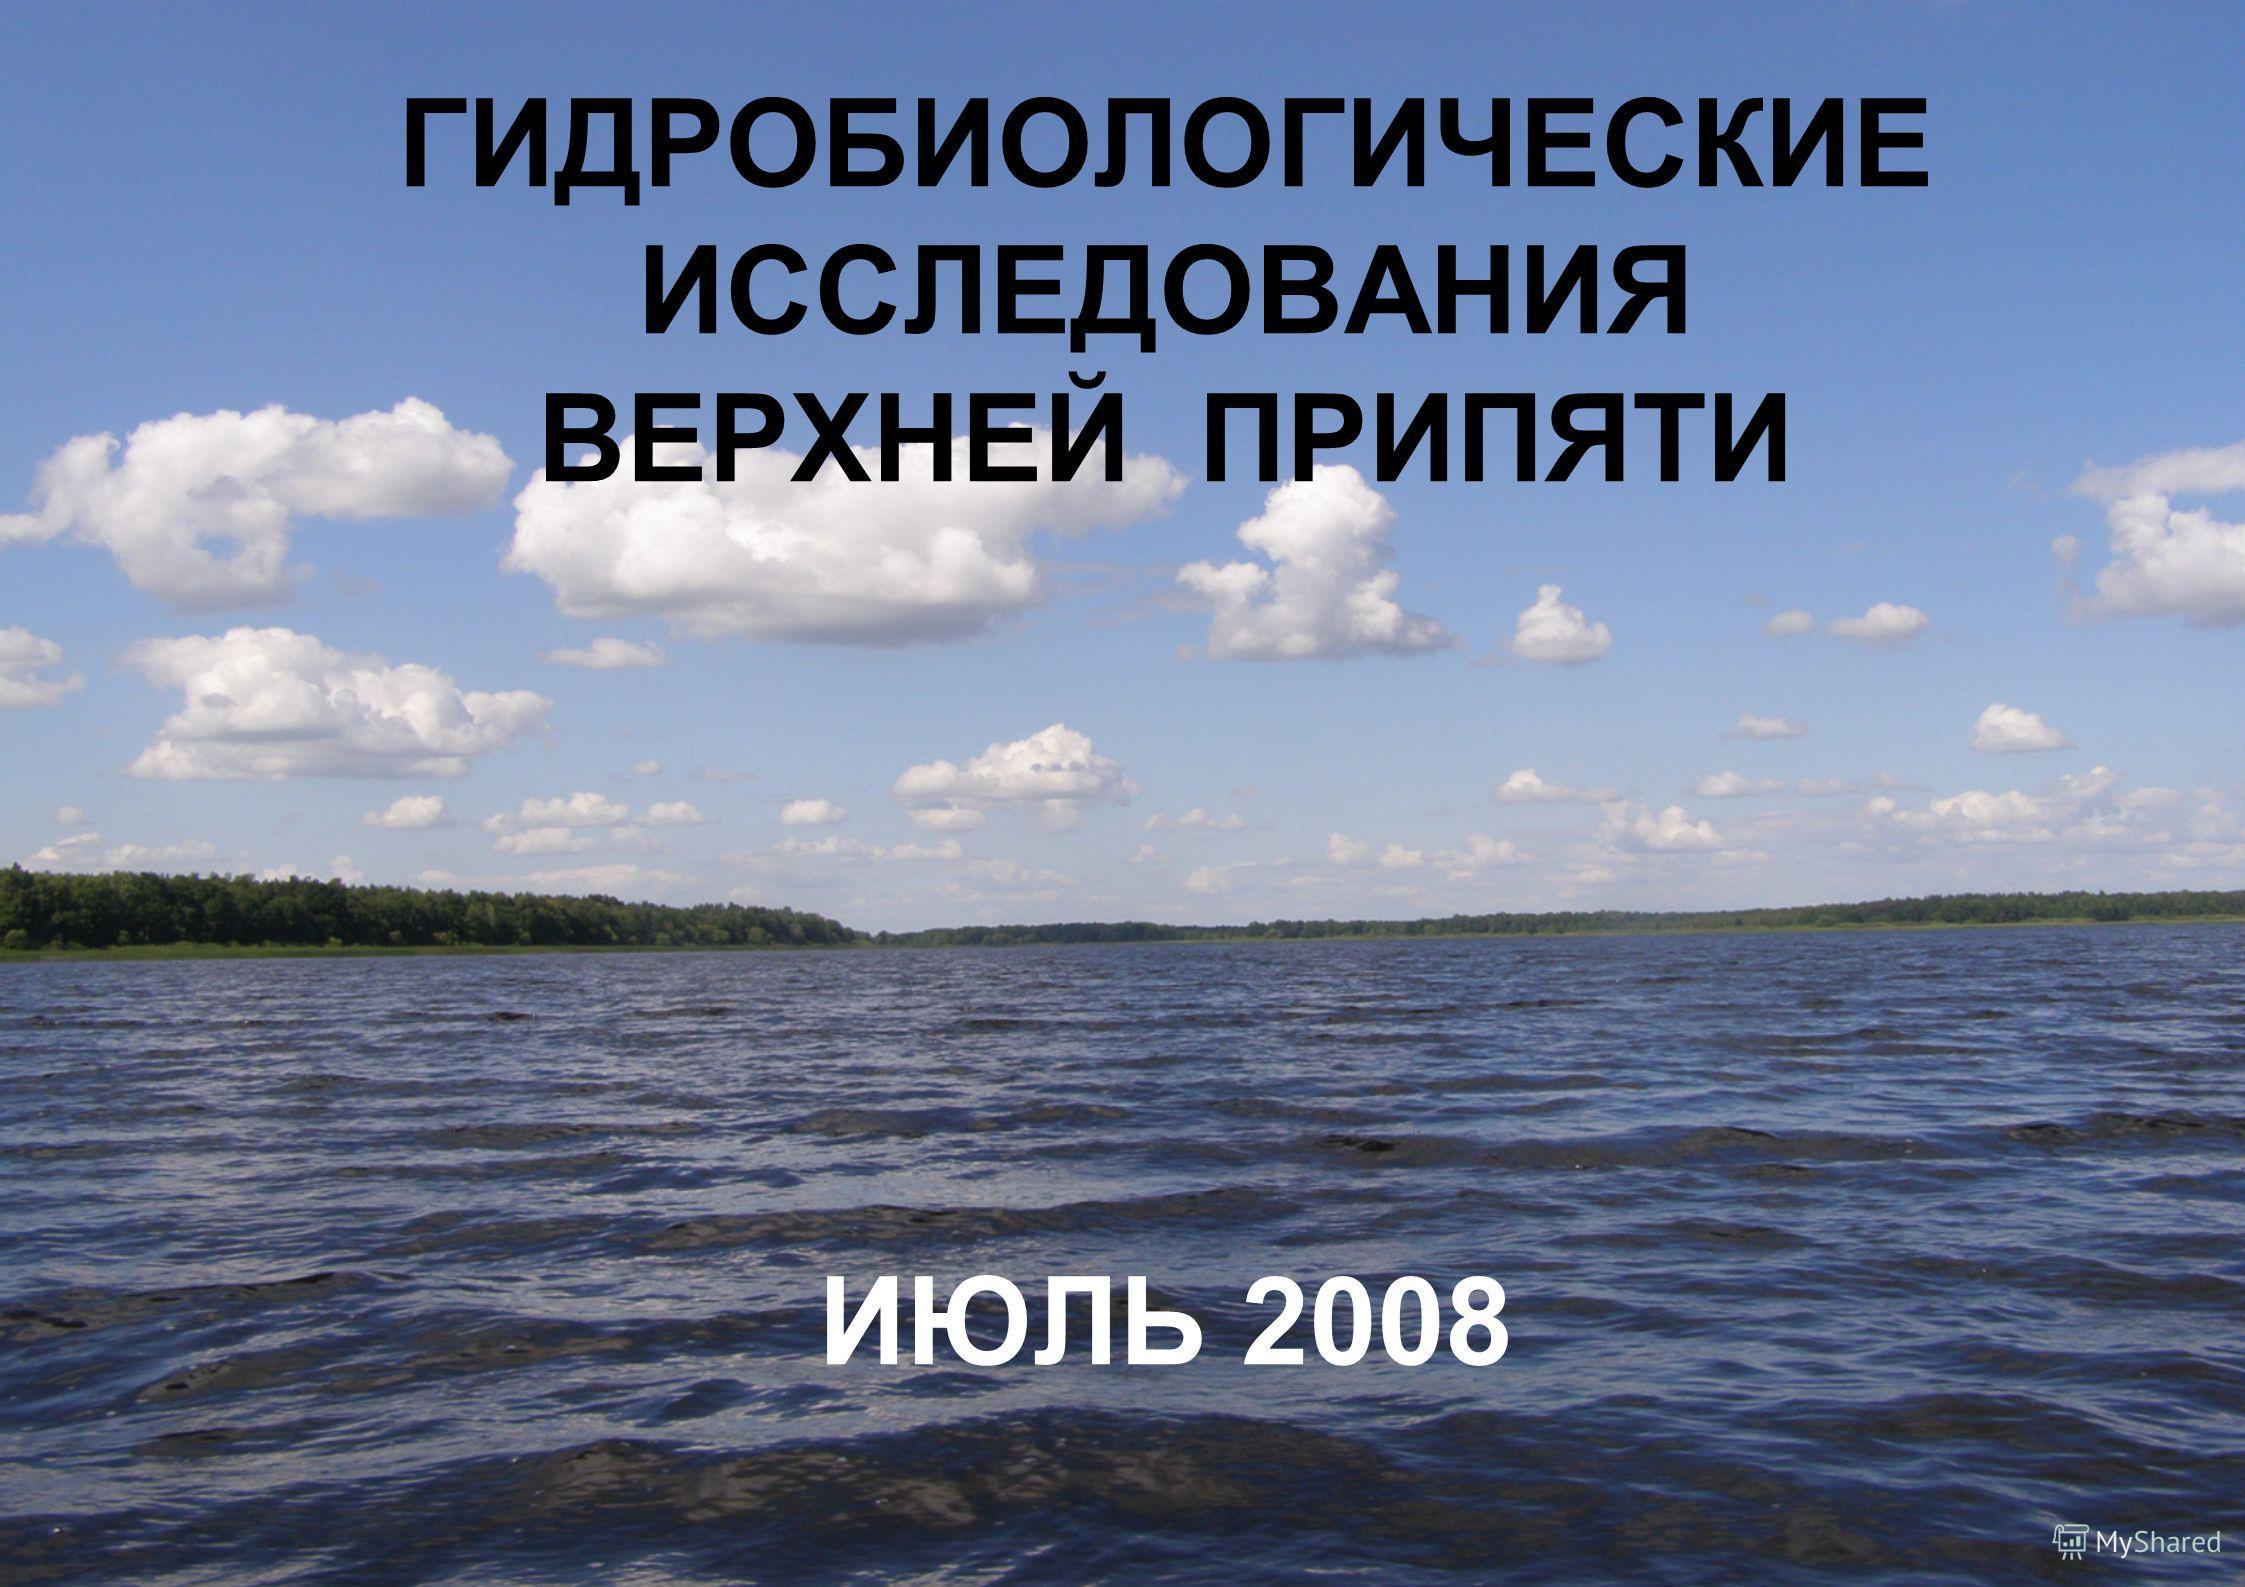 ГИДРОБИОЛОГИЧЕСКИЕ ИССЛЕДОВАНИЯ ВЕРХНЕЙ ПРИПЯТИ ИЮЛЬ 2008